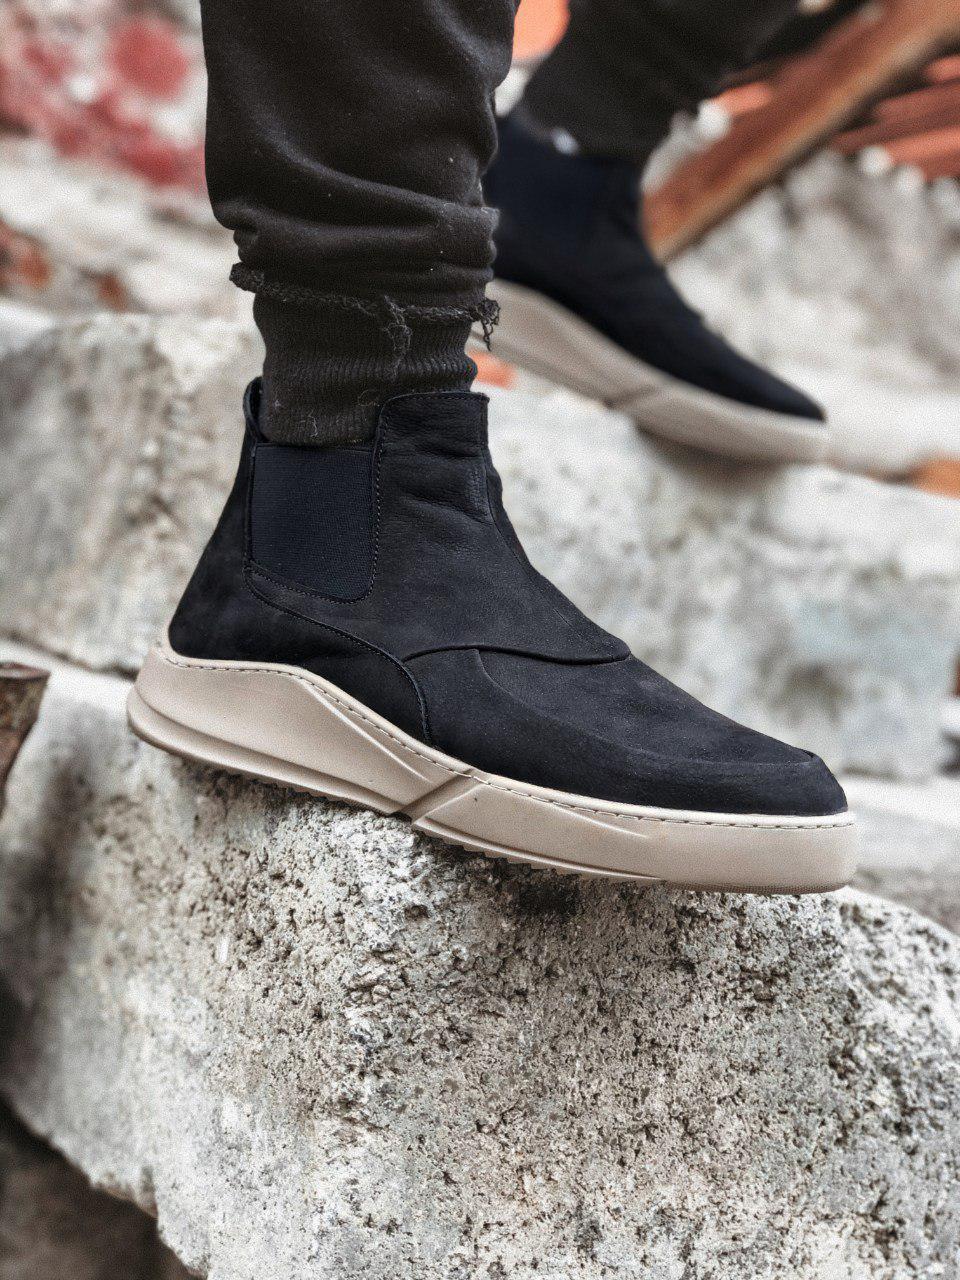 Ботинки - Мужские ботинки зимние на меху